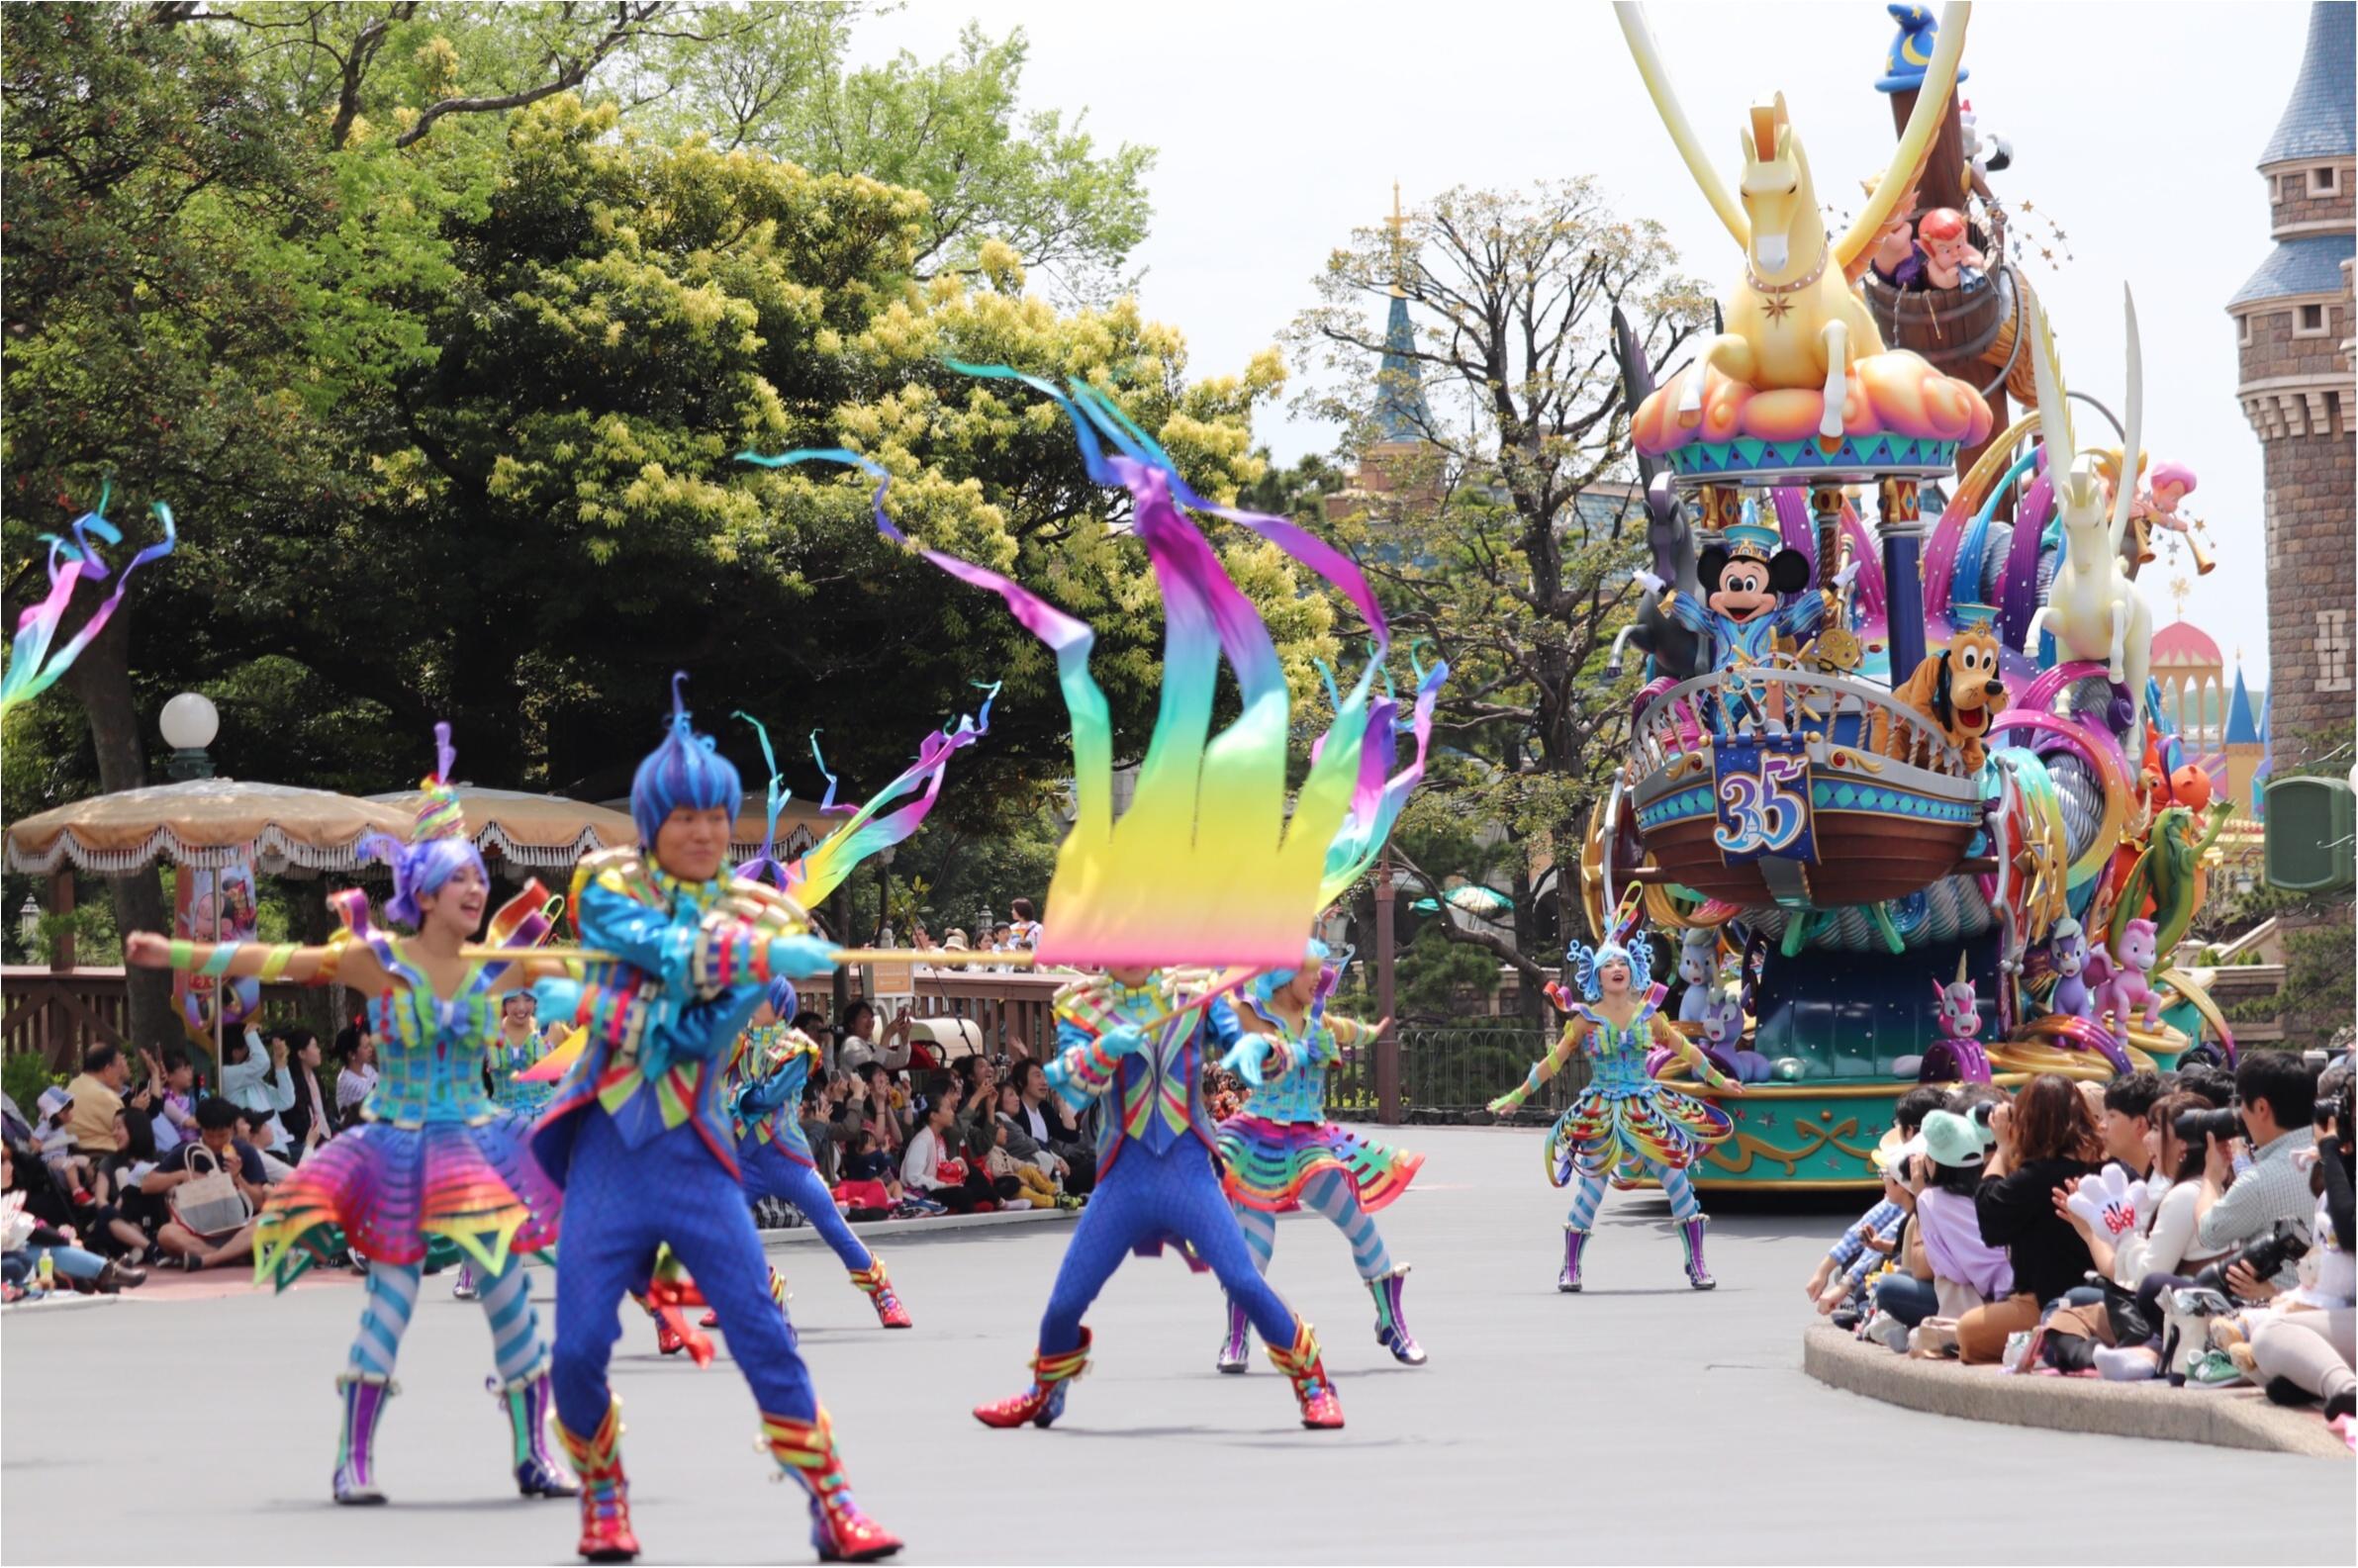 ▷【東京ディズニーランド35周年】Newパレード「ドリーミング・アップ!」がとにかく凄い!!_2